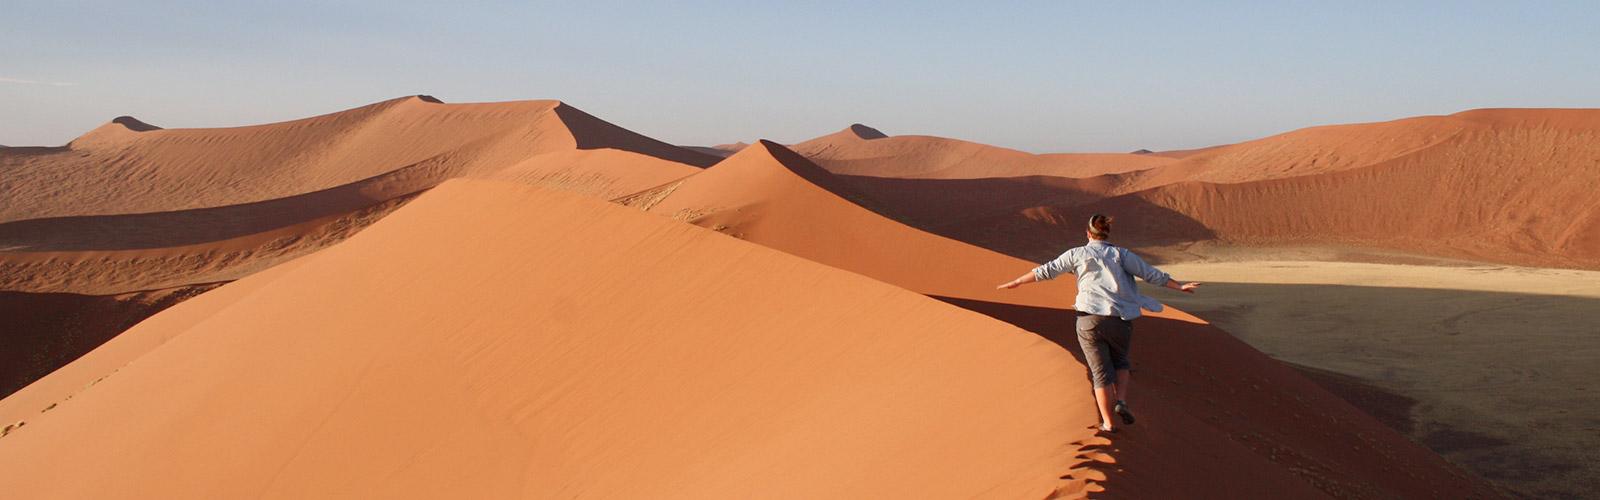 Student walking on Desert Dunes